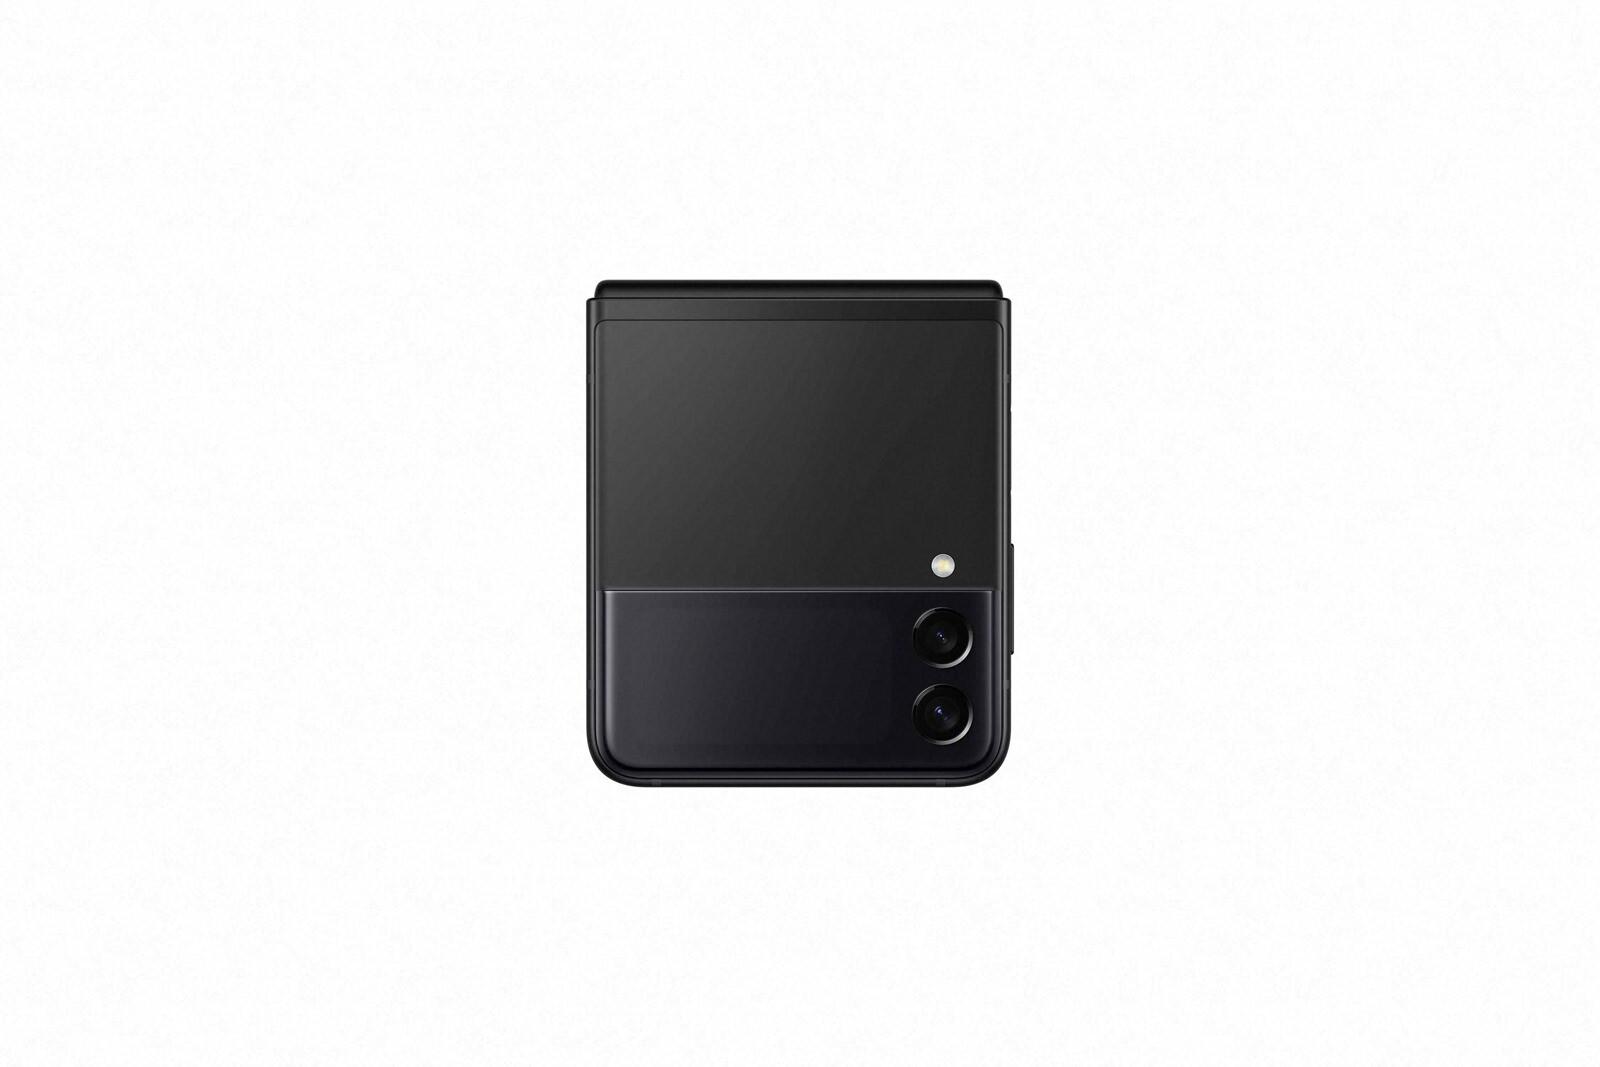 開啟行動「摺」學新篇章:Galaxy Z Fold3 5G 與 Galaxy Z Flip3 5G 展開全新視界 @3C 達人廖阿輝